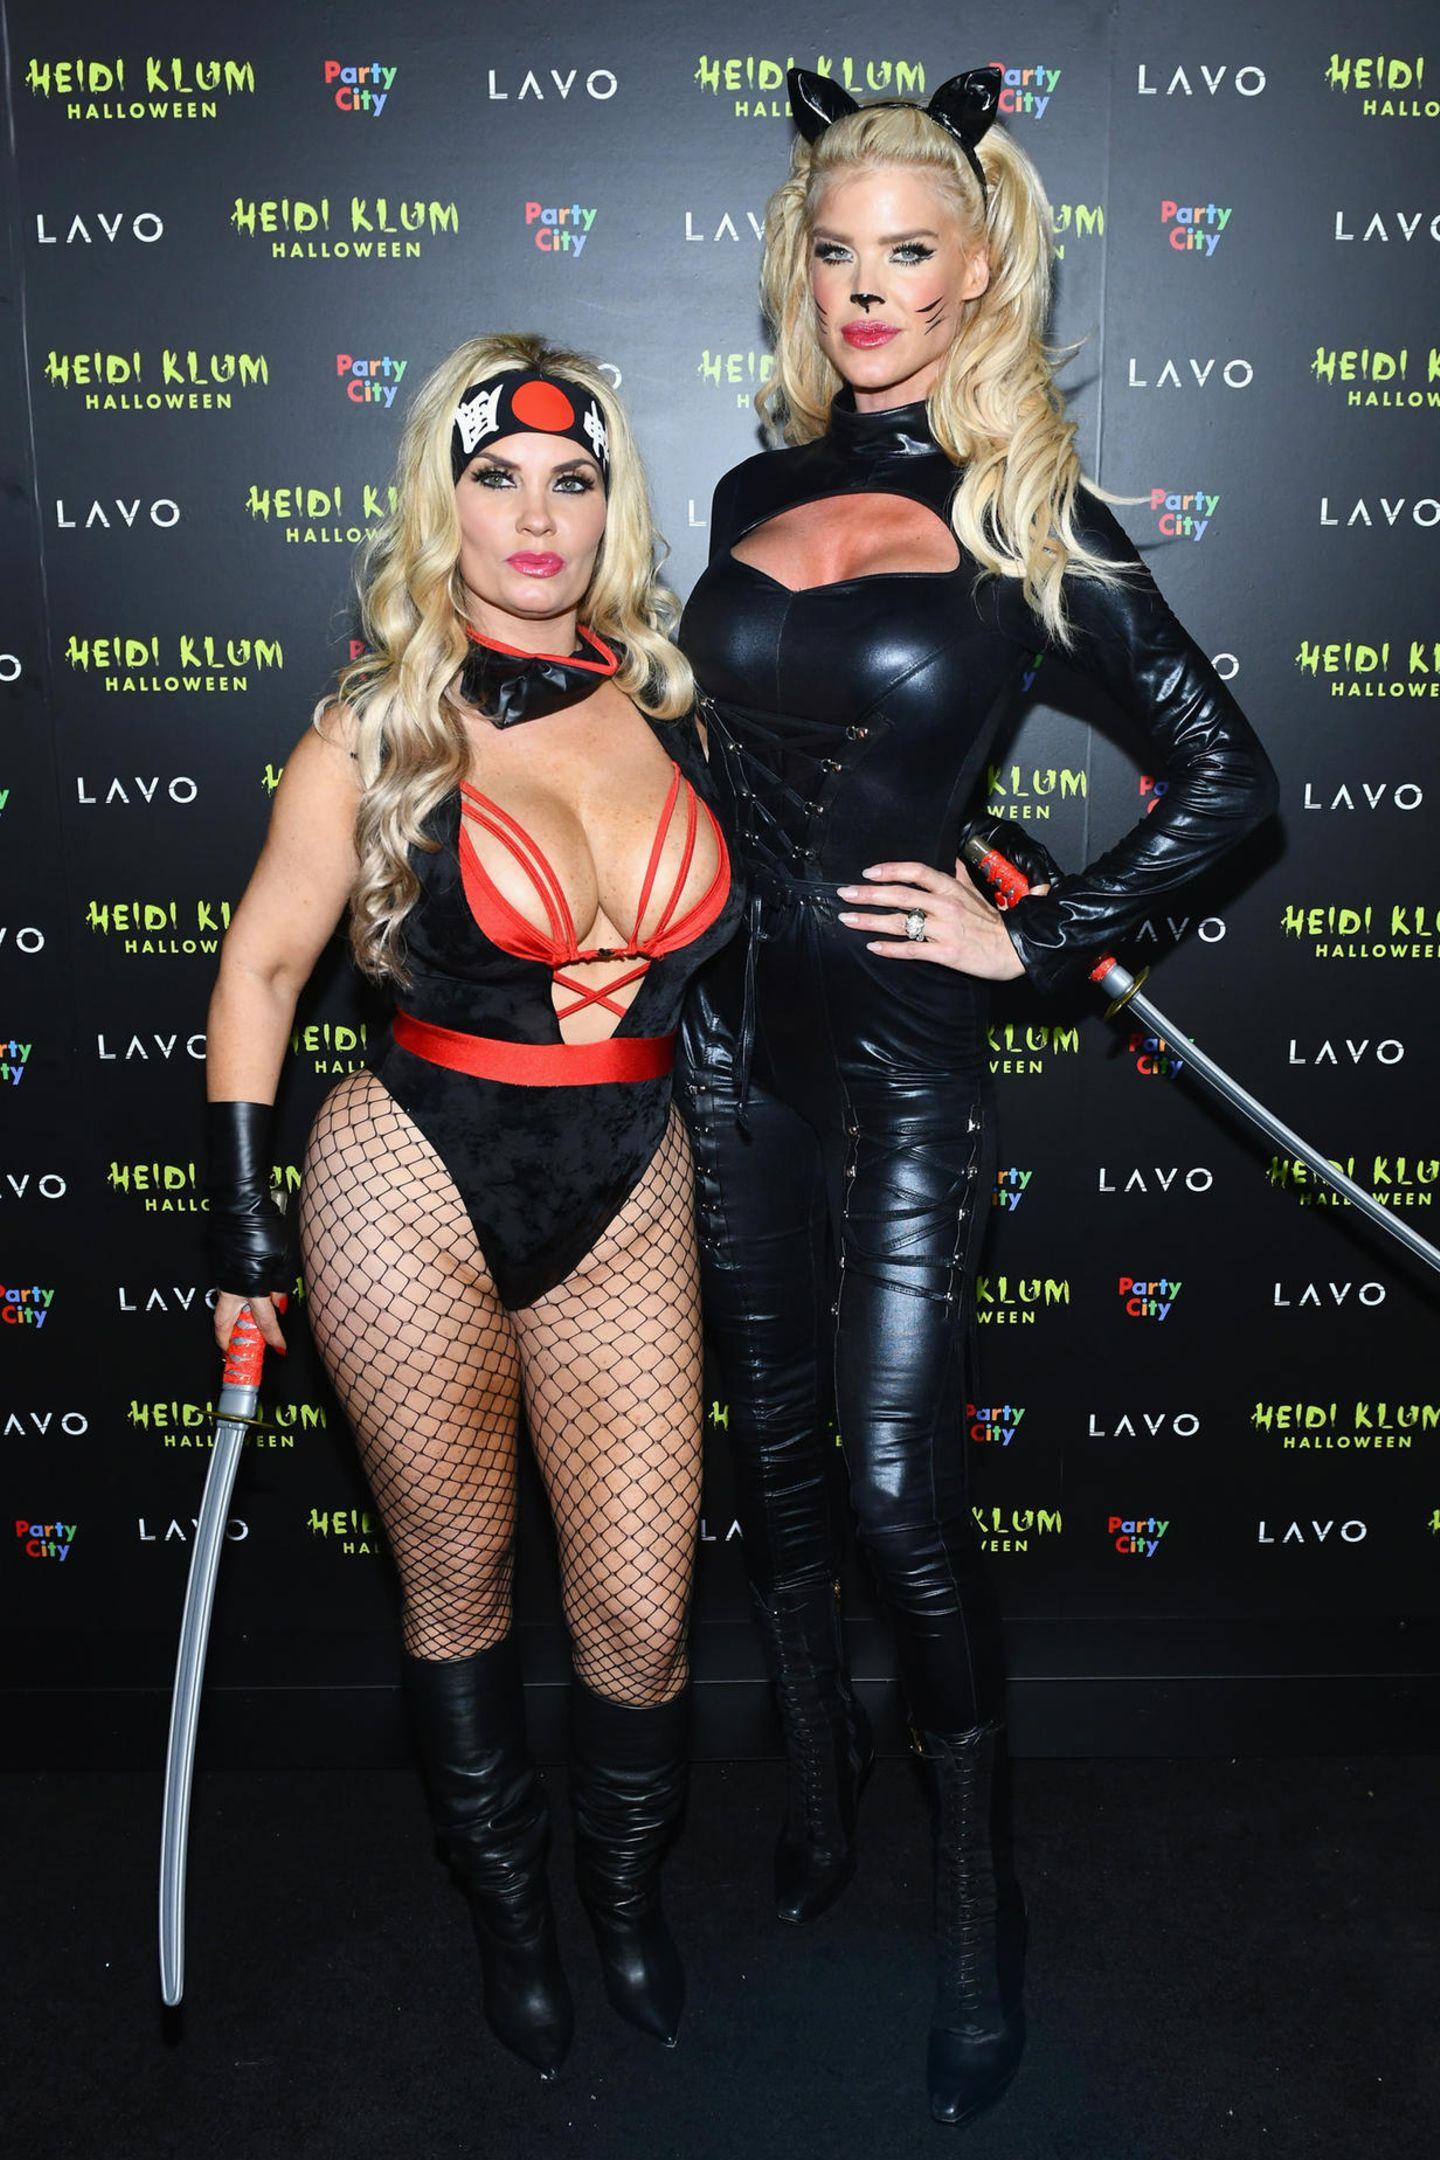 Coco Austin und Victoria Silvstedt gehen dem Brauch nach, an Halloween in ein sexy Kostüm zu schlüpfen. Den einzigen Grusel-Faktor bringen die Ninja-Schwerter mit sich.